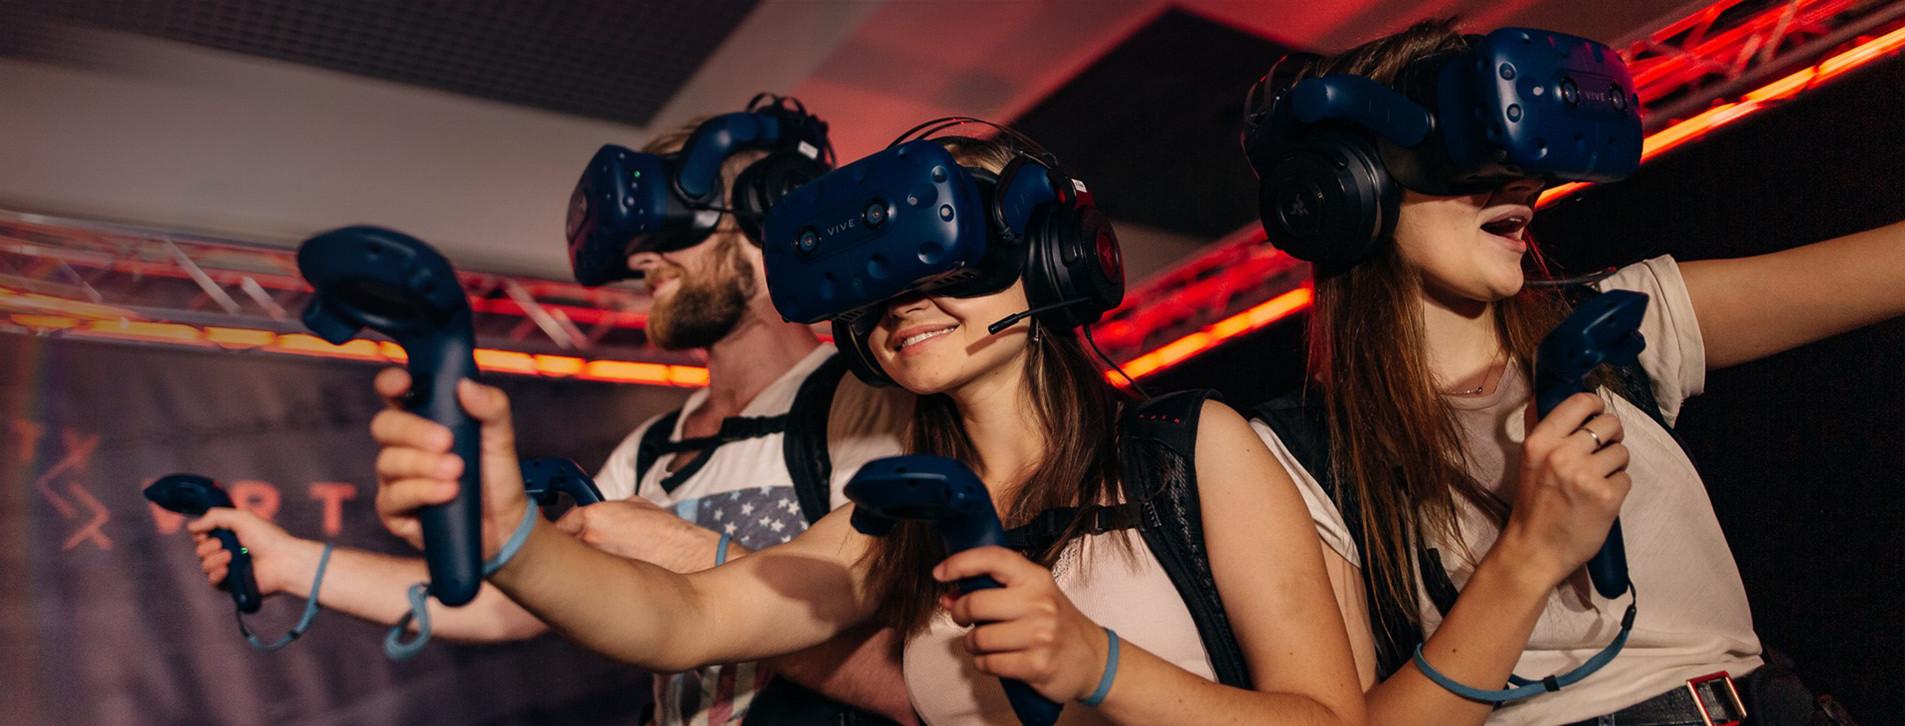 Fotoğraf - Arkadaş Grubu için VR Sanal Gerçeklik Oyunu